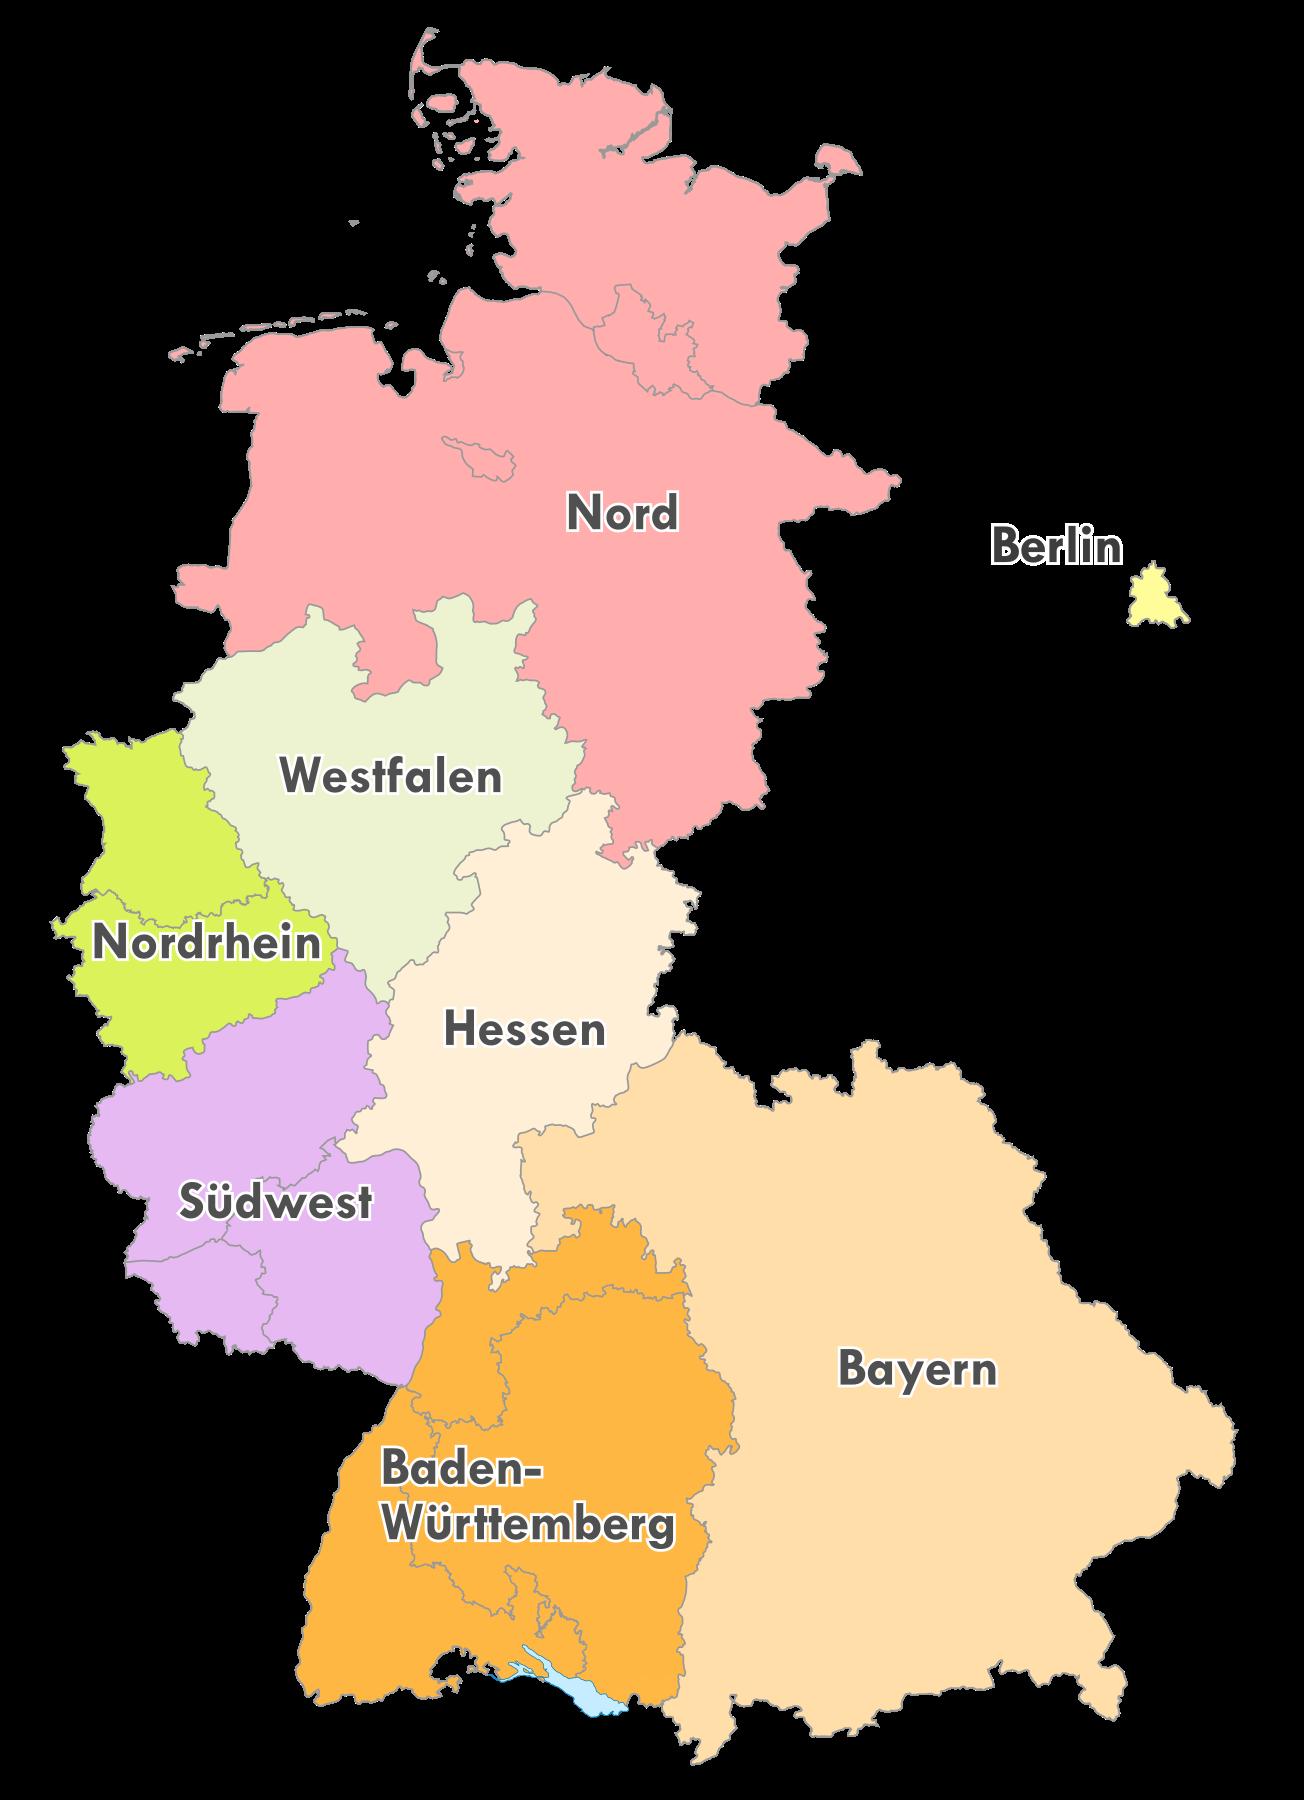 Geografische Einteilung der Oberligen zur Saison 1979/80